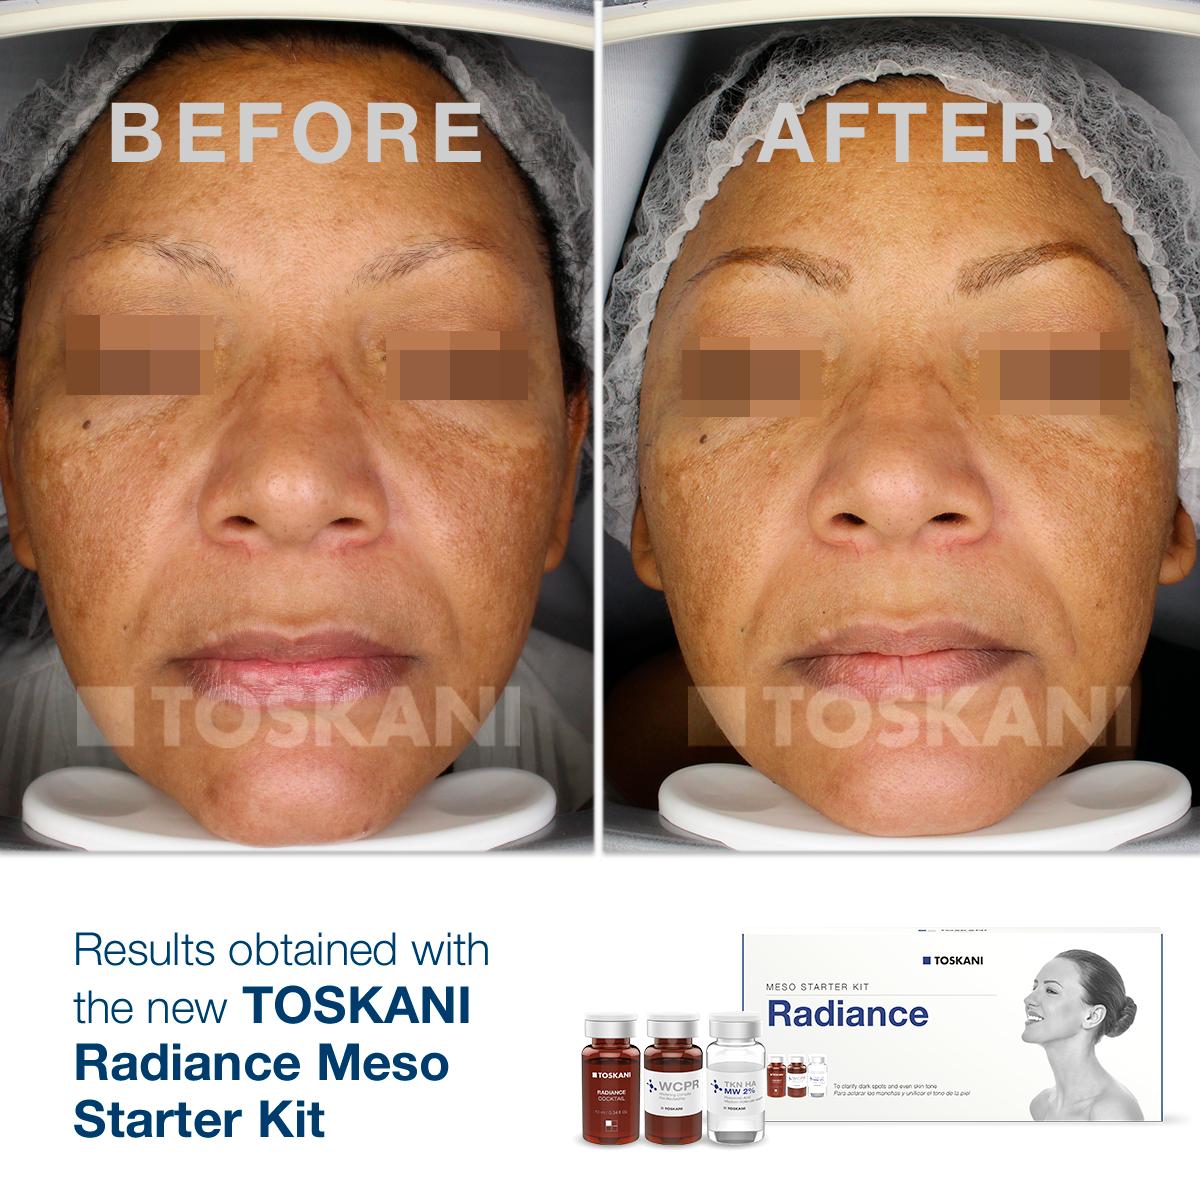 TKN_StarterKit_Radiance1_before-after